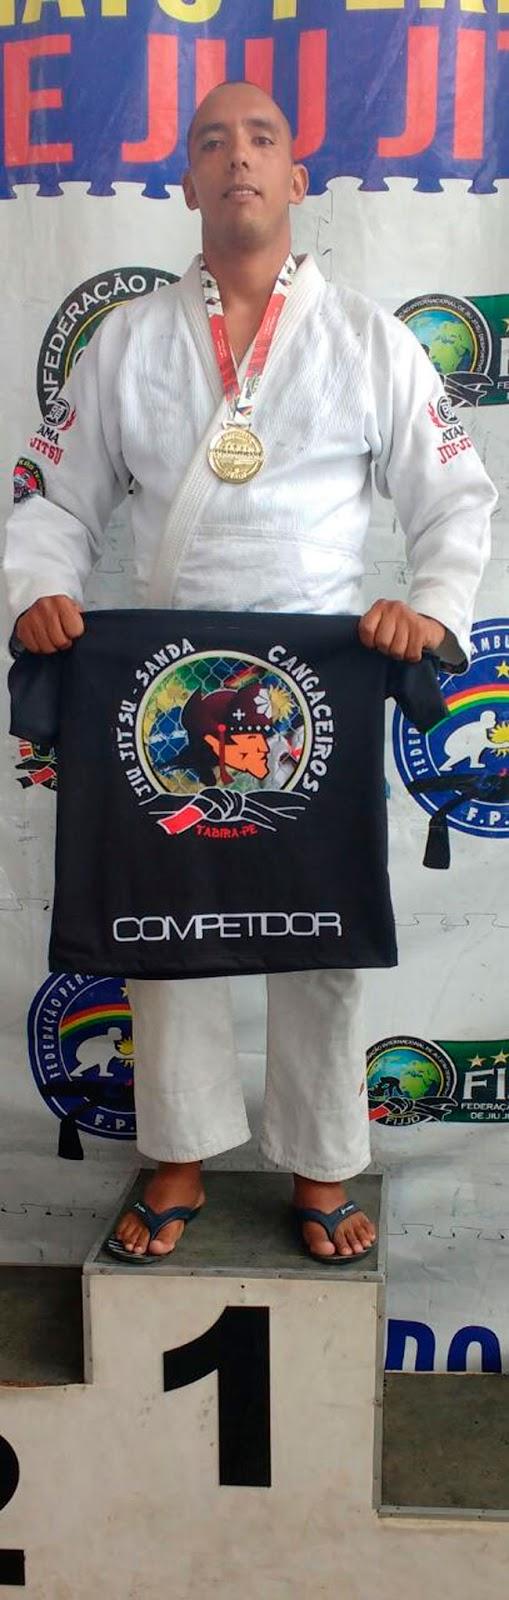 Rodrigo palmeira: Campeão na categoria adulto pesado faixa azul